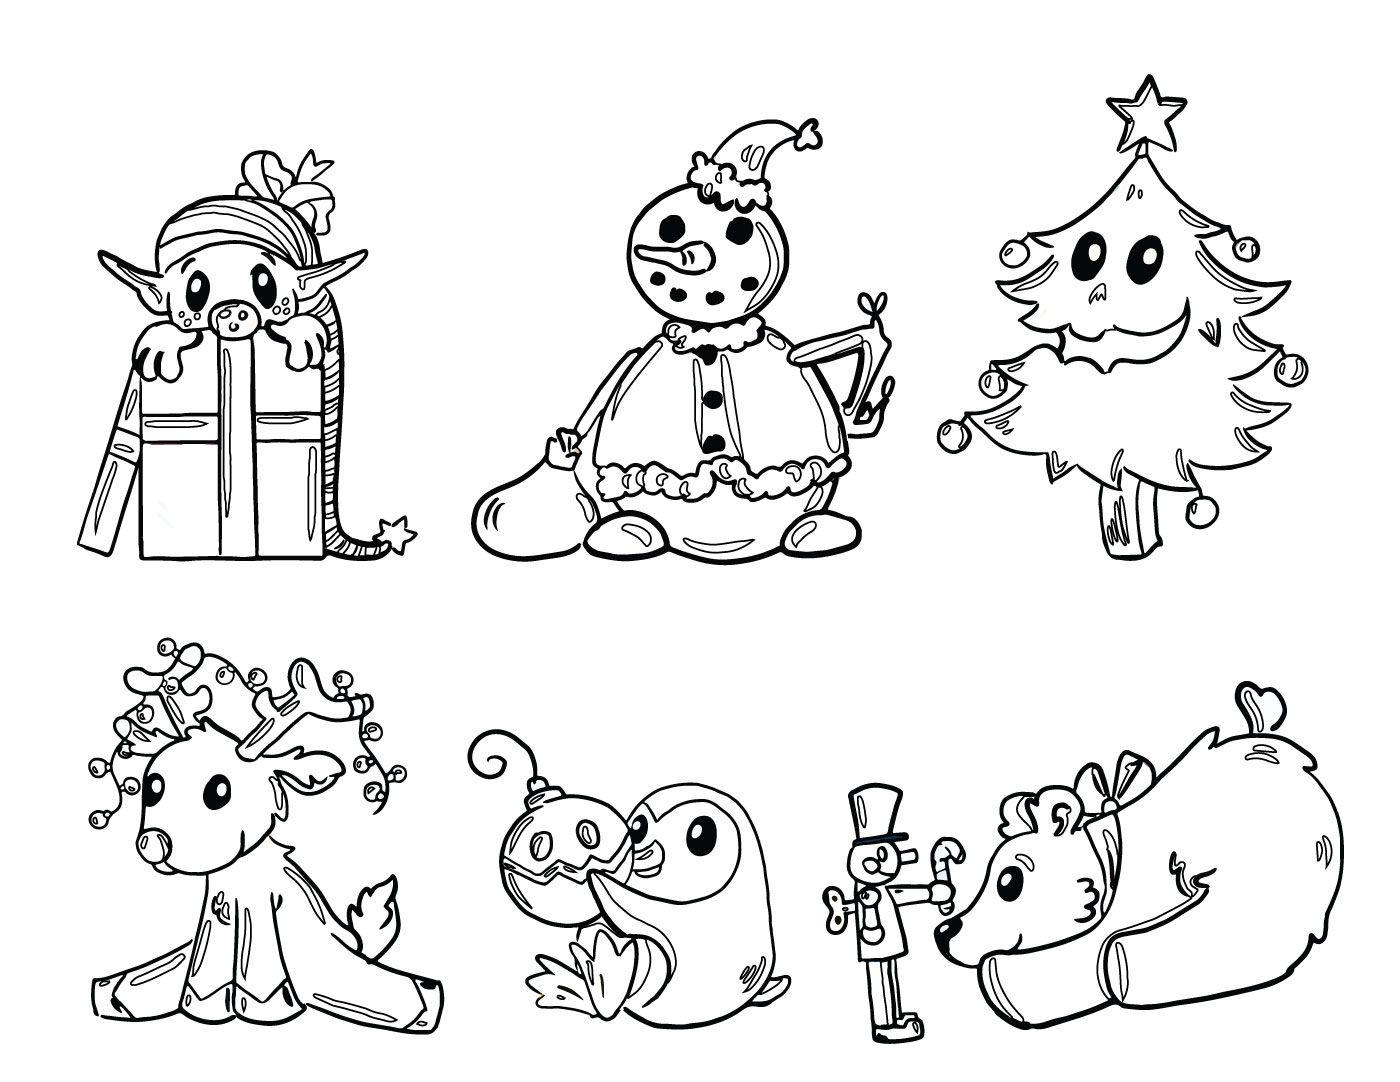 Dessin Des Amis Du Père Noel À Imprimer Gratuit destiné Coloriage De Père Noel Gratuit A Imprimer